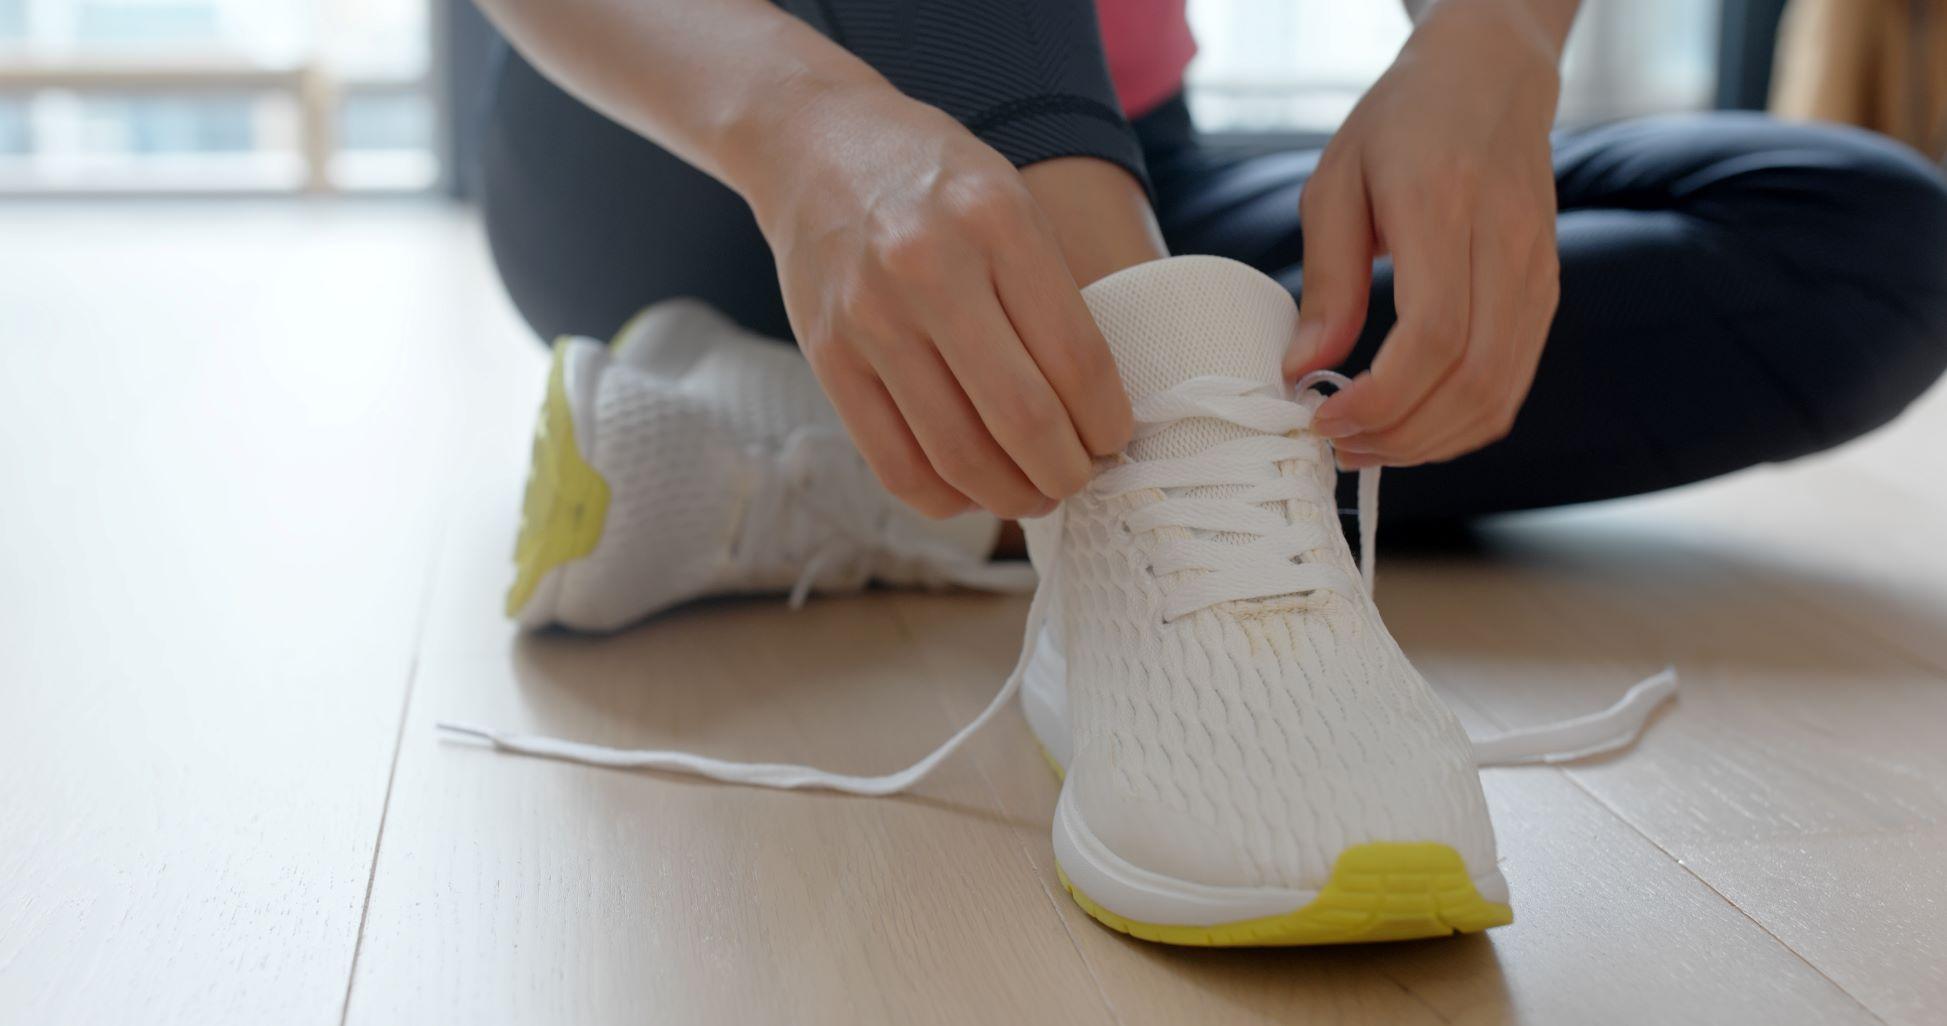 จัดเดินวิ่ง วิสาขะ ในบ้านรักษาระยะห่างช่วงโควิด-19 thaihealth